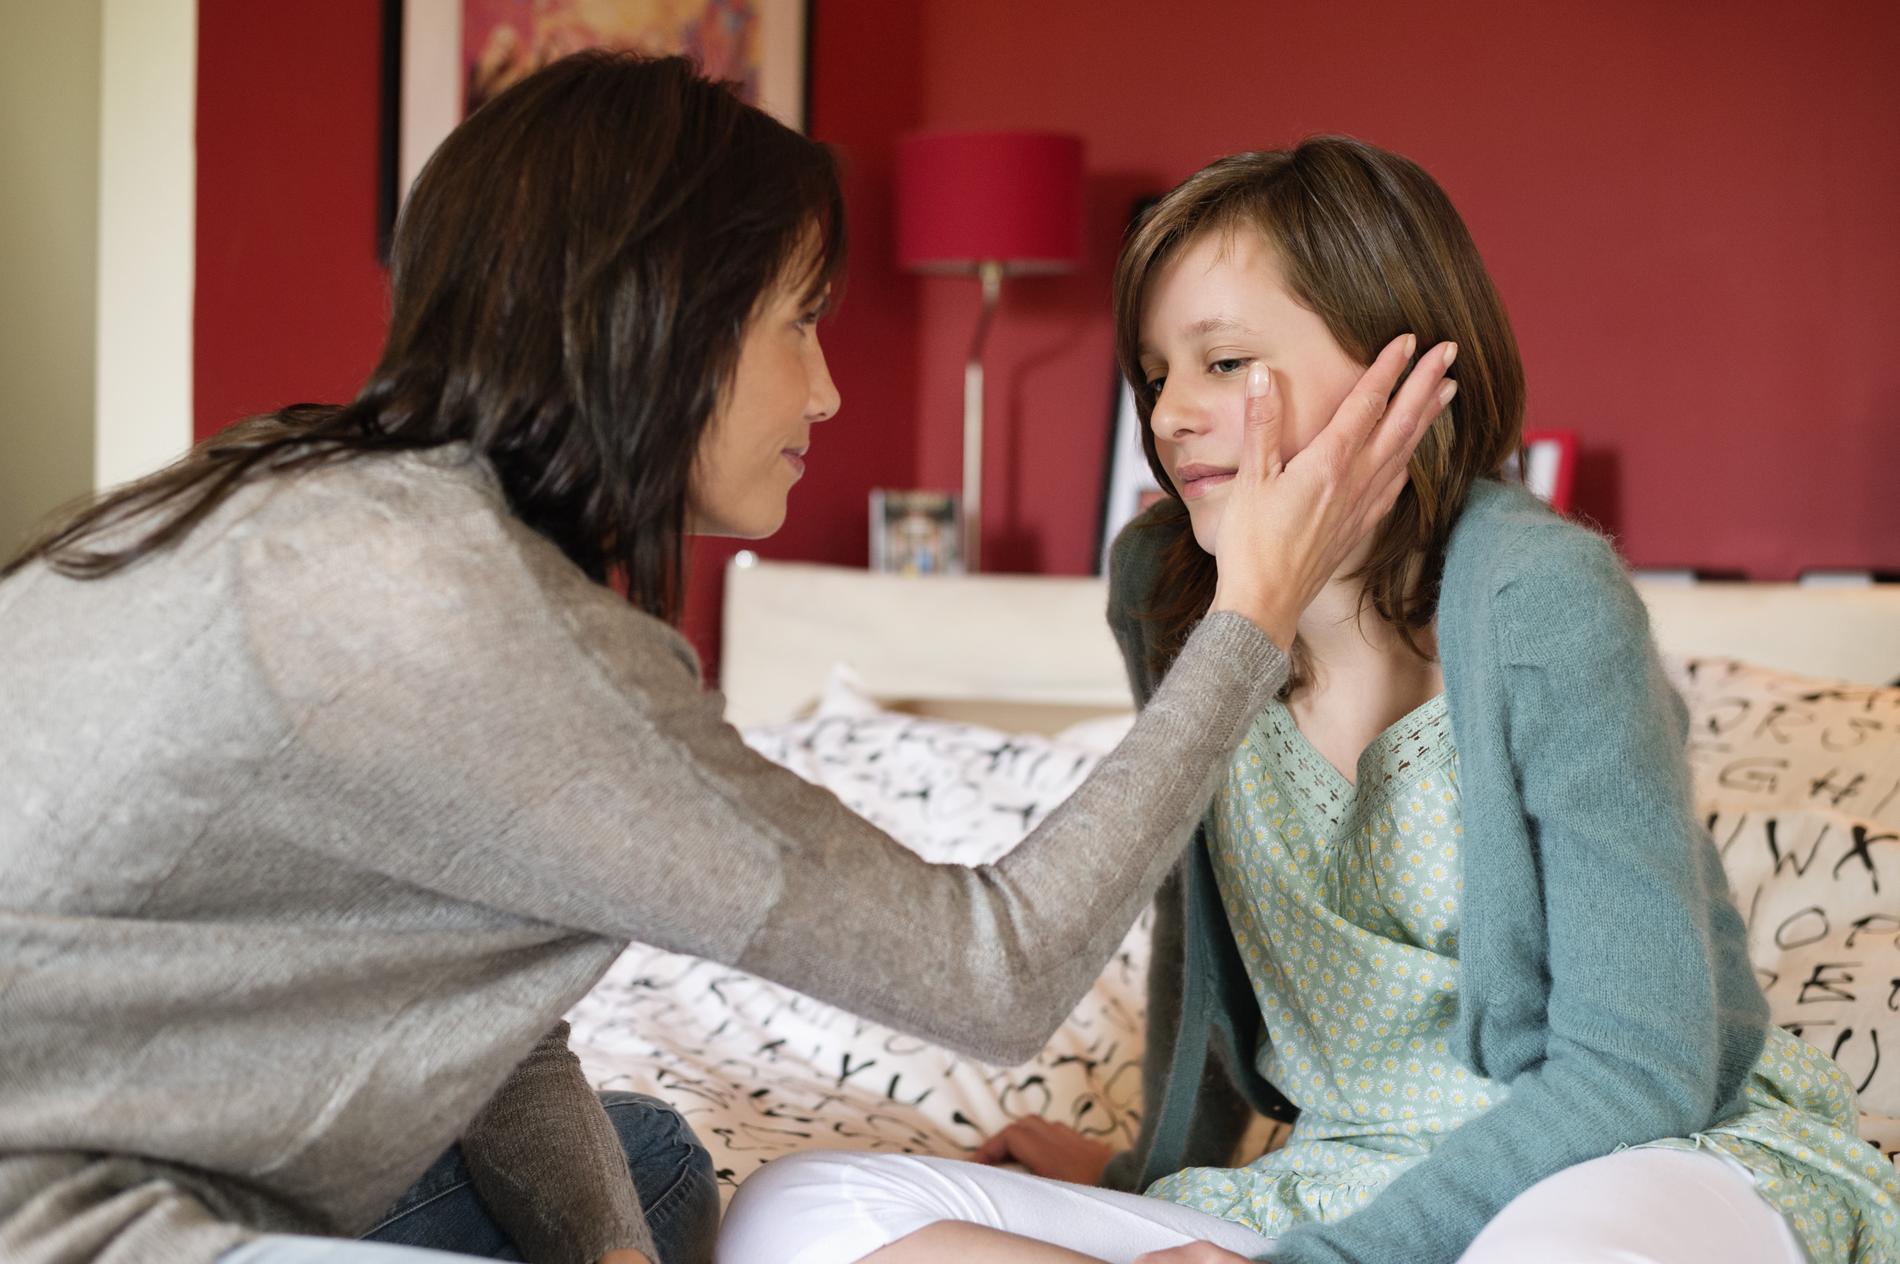 rencontre une femme avec des filles adolescentes Vic Fuentes Dating 2014